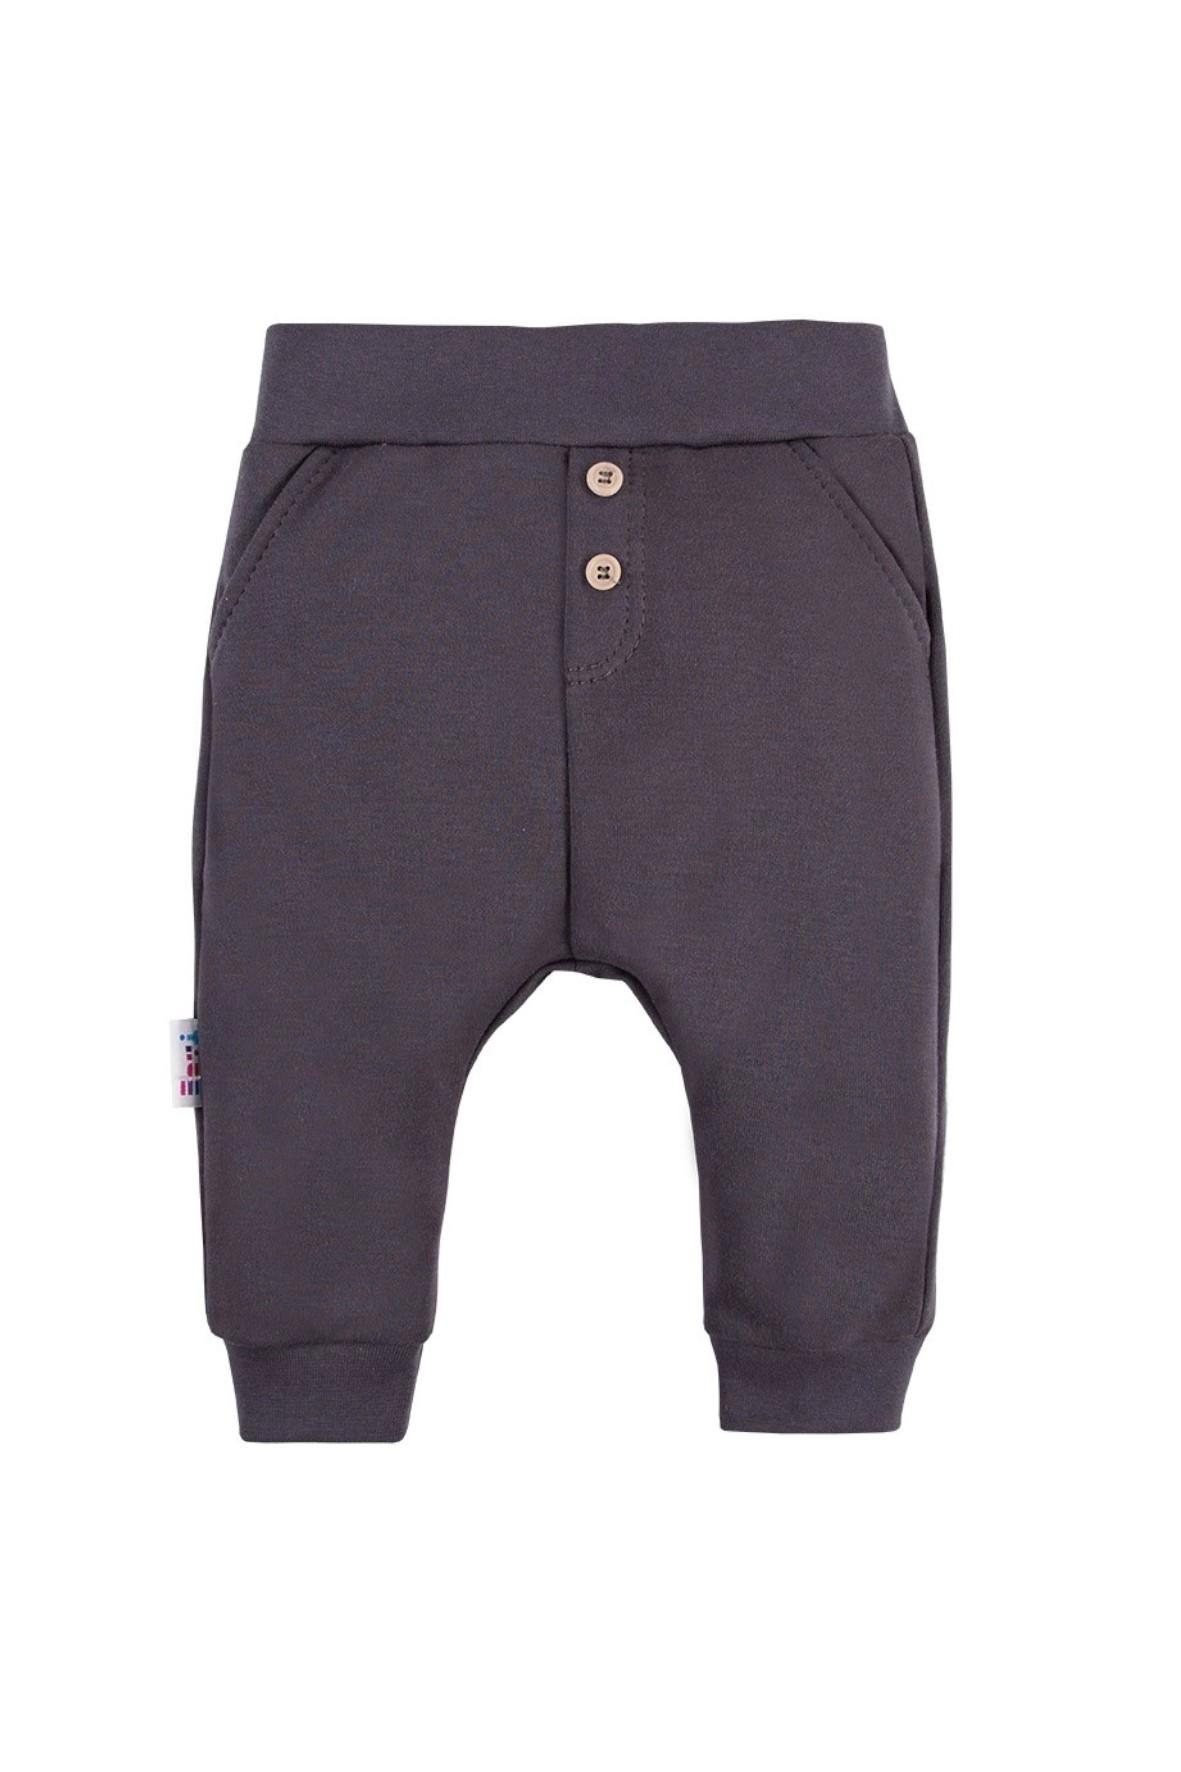 Spodnie dresowe LAZY DAYS grafitowe